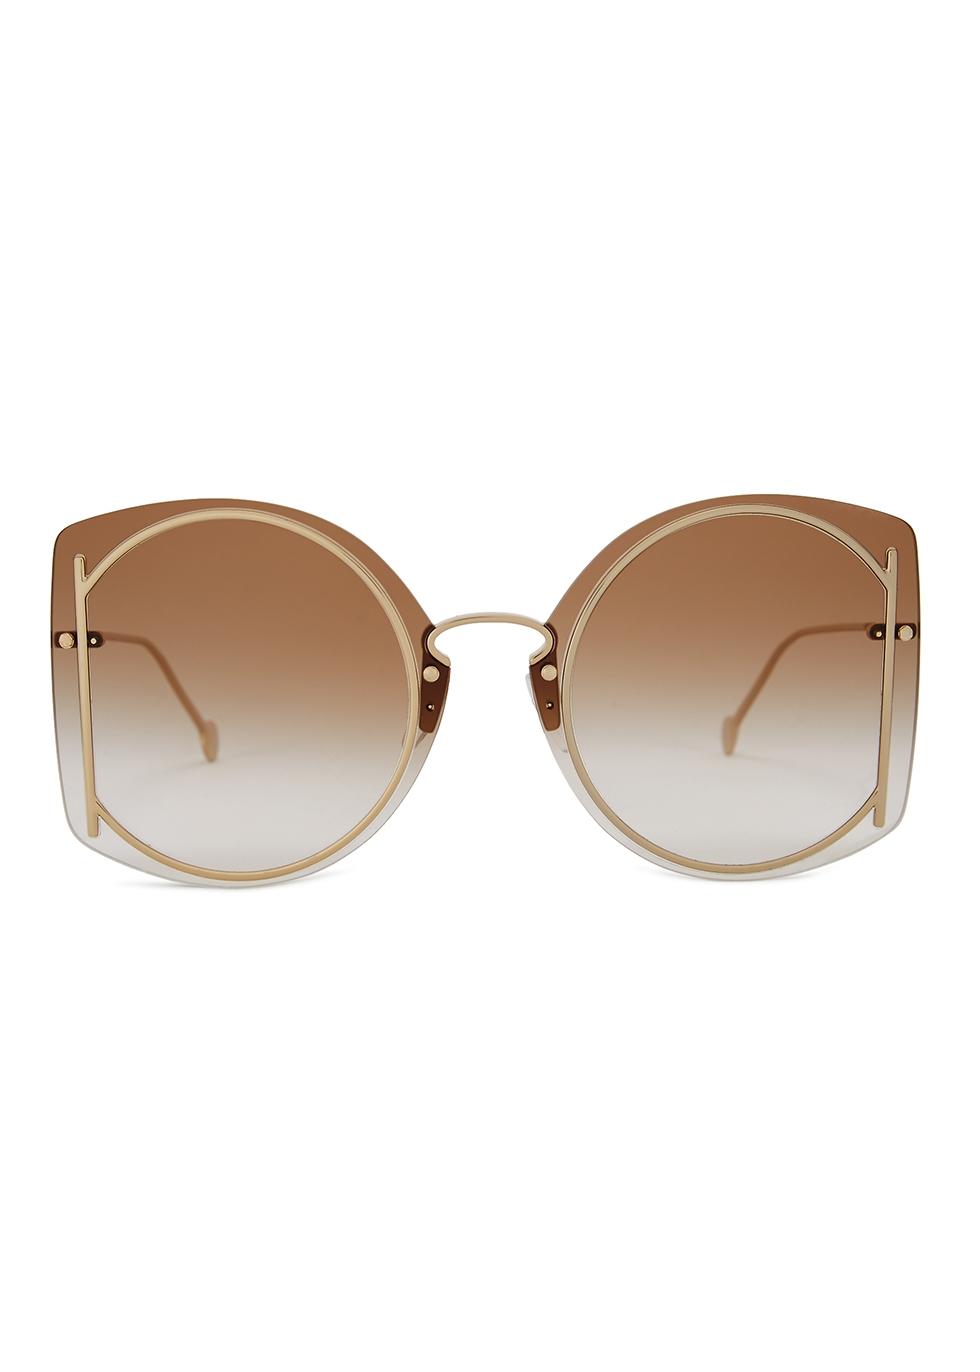 Brown oversized sunglasses - Salvatore Ferragamo